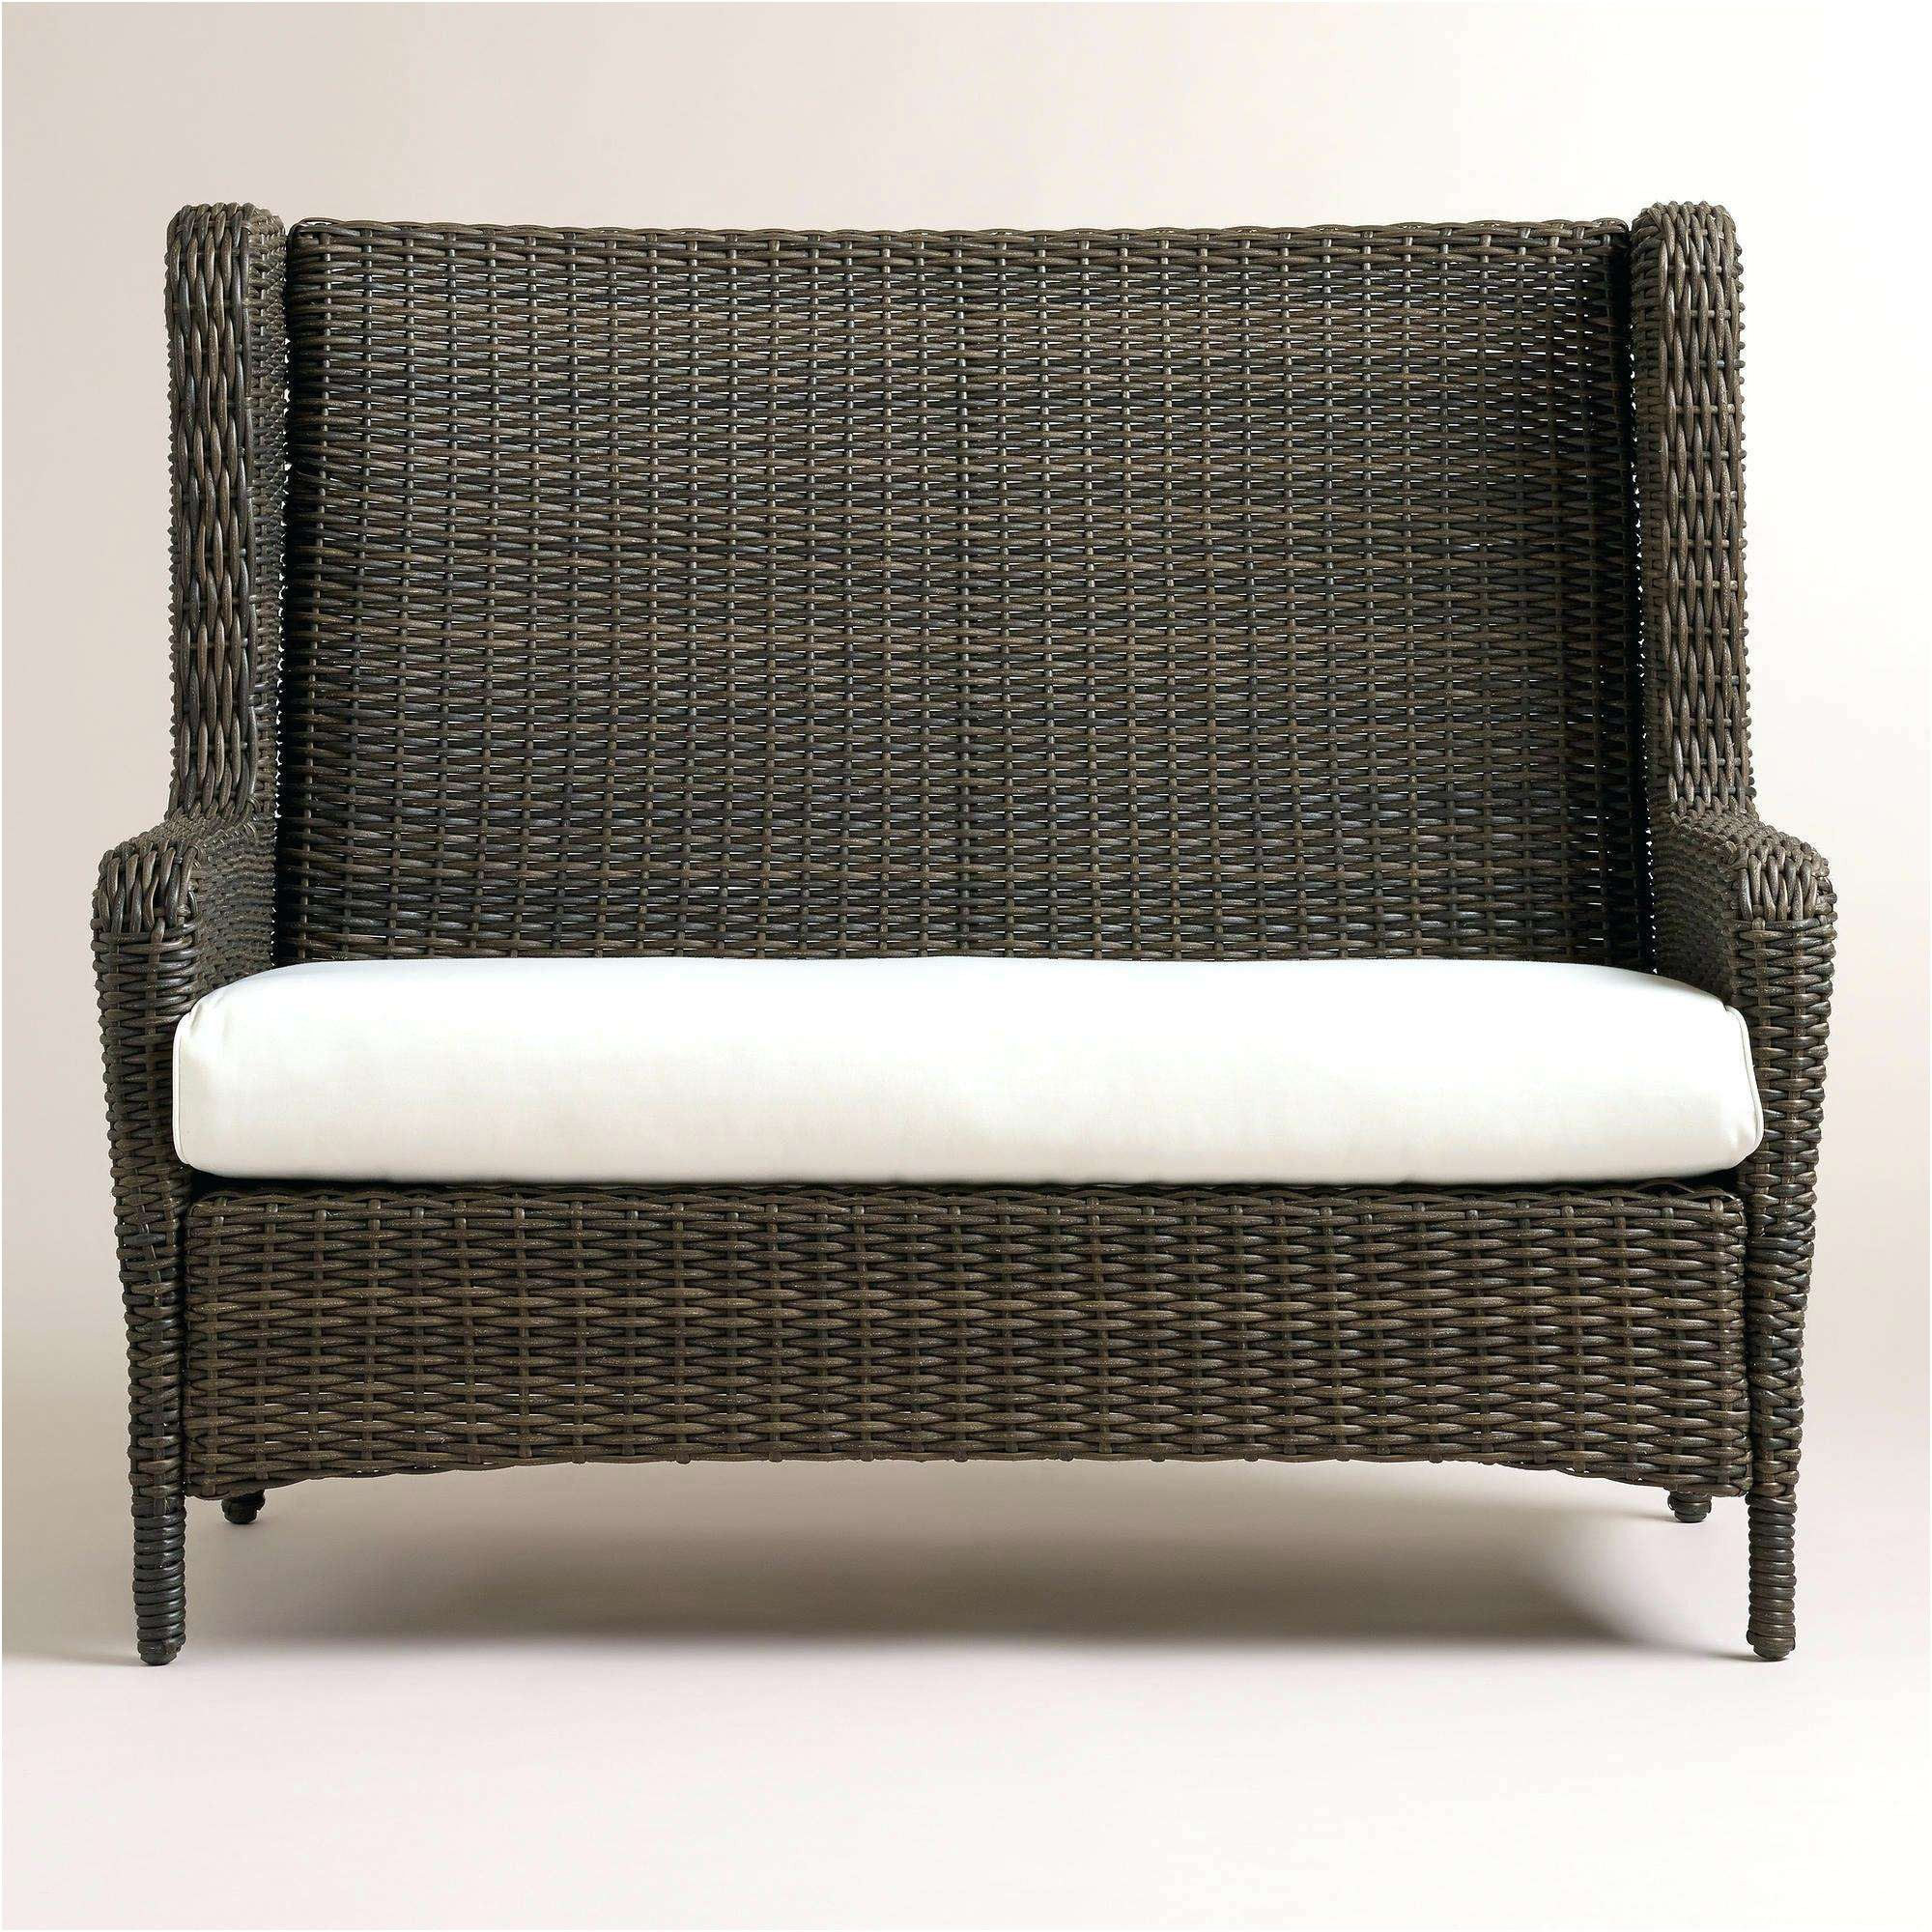 Schlafsofa Roller Neu Couch Sofa Gnstig Elegant Cool Cool Big Sofa